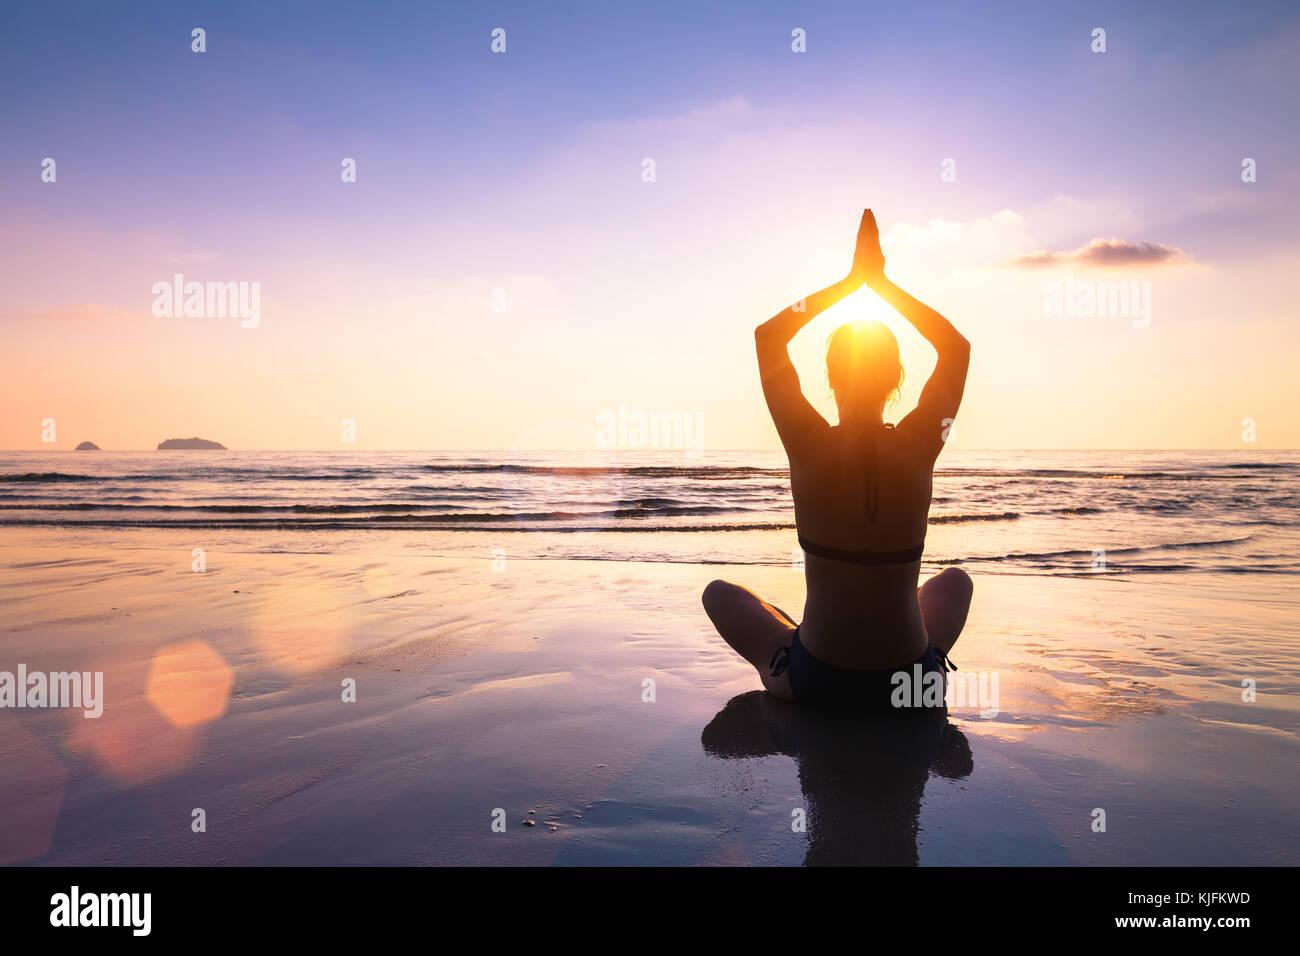 Yoga und Meditation auf dem ruhigen friedlichen Strand bei Sonnenuntergang , junge Frau Stockbild